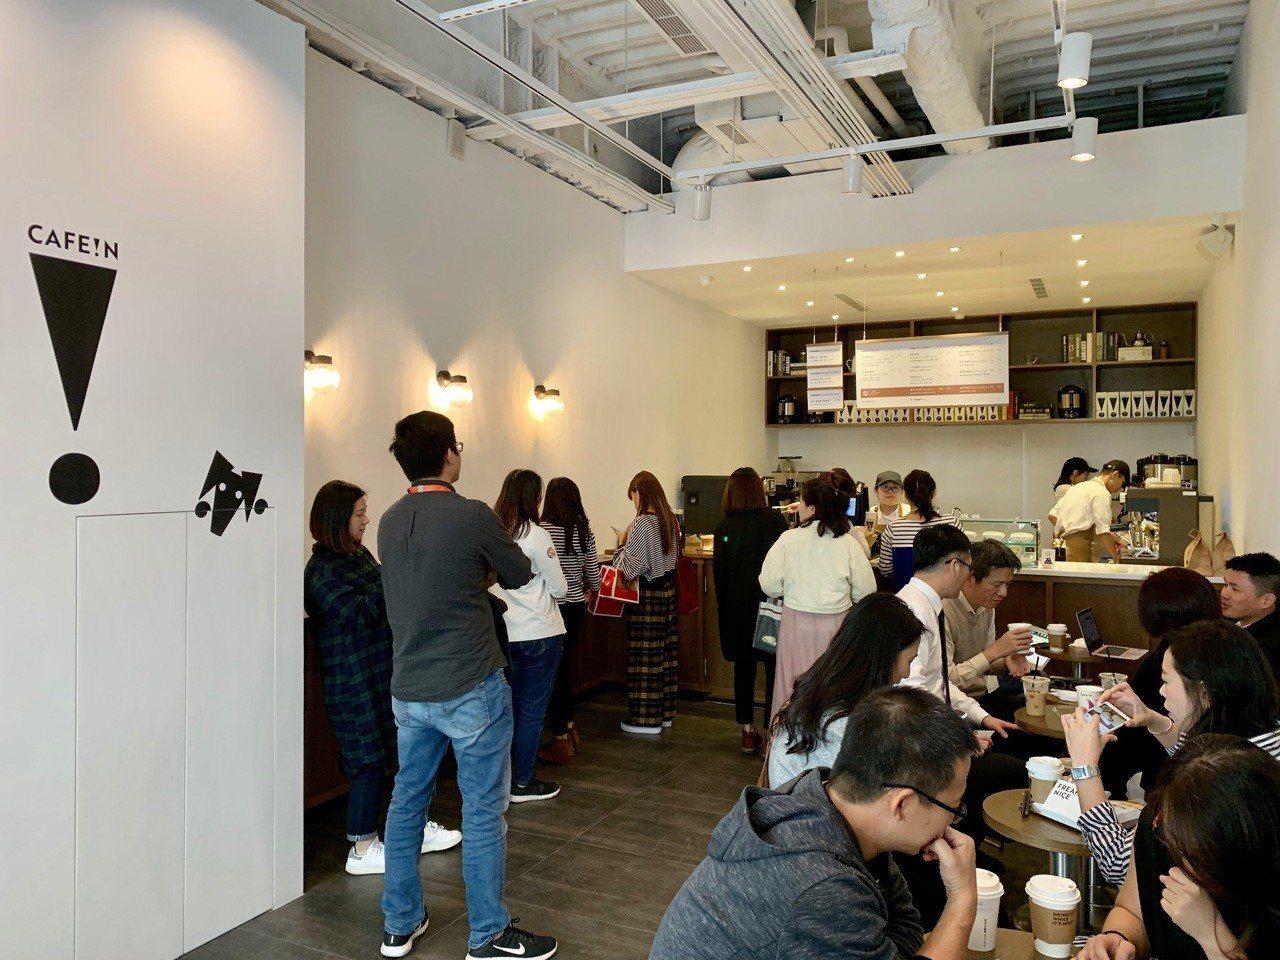 CAFE!N三民店中午時段吸引許多上班族消費。記者張芳瑜/攝影